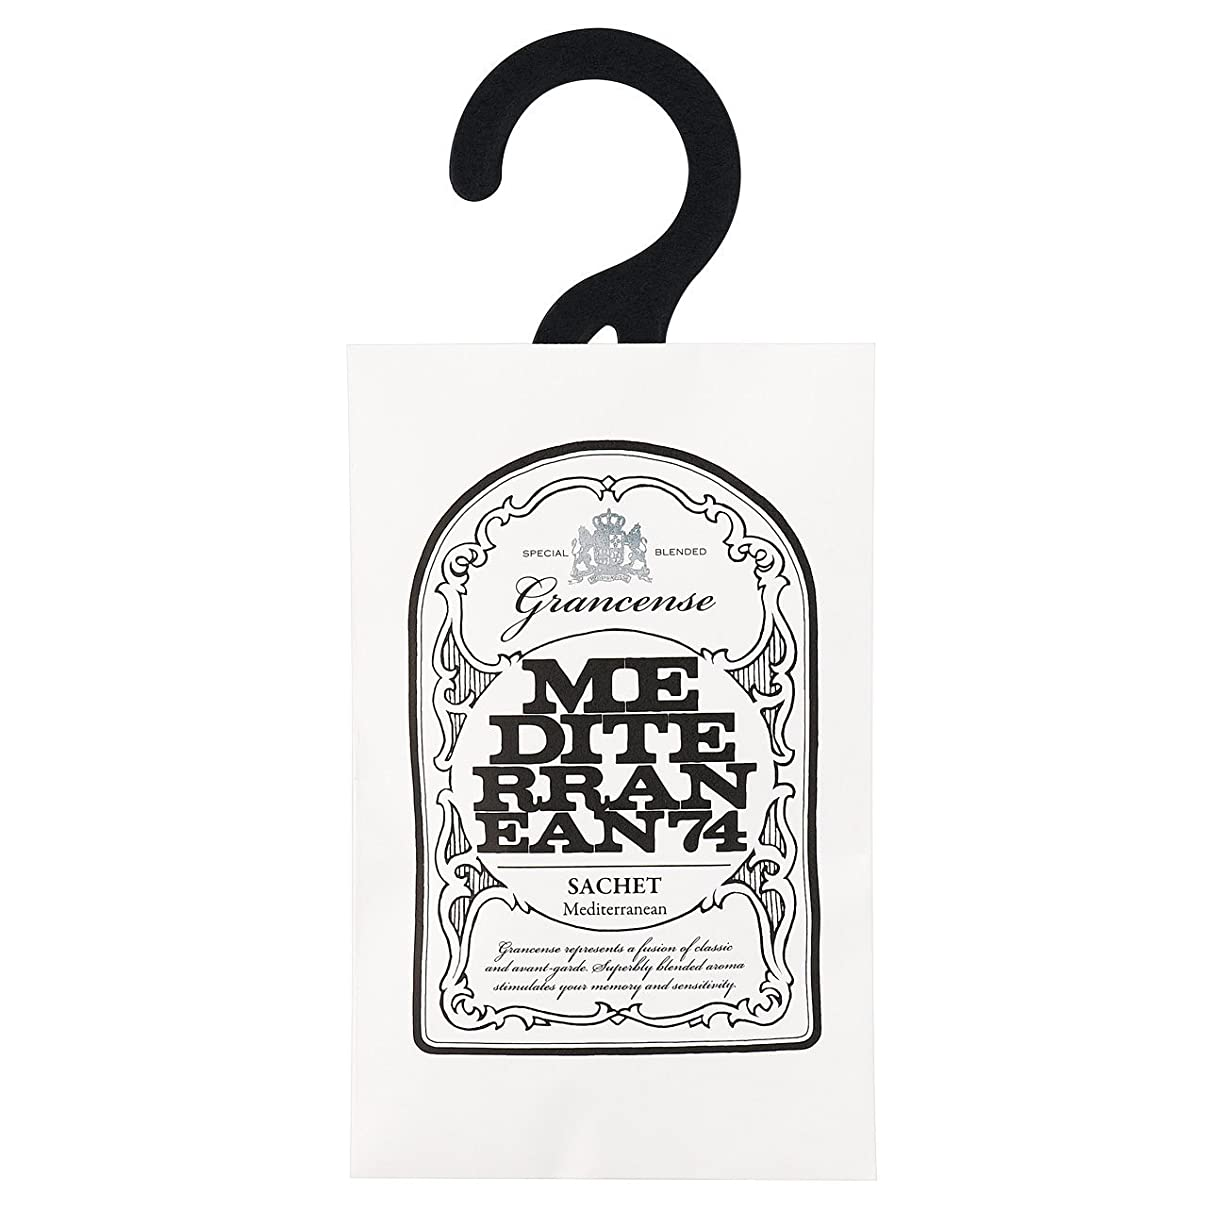 うそつき想像力豊かな学期グランセンス サシェ(約2~4週間) メディテレーニアン 12g(芳香剤 香り袋 アロマサシェ 潮風を感じさせてくれるアクアティック?フローラルの香り)